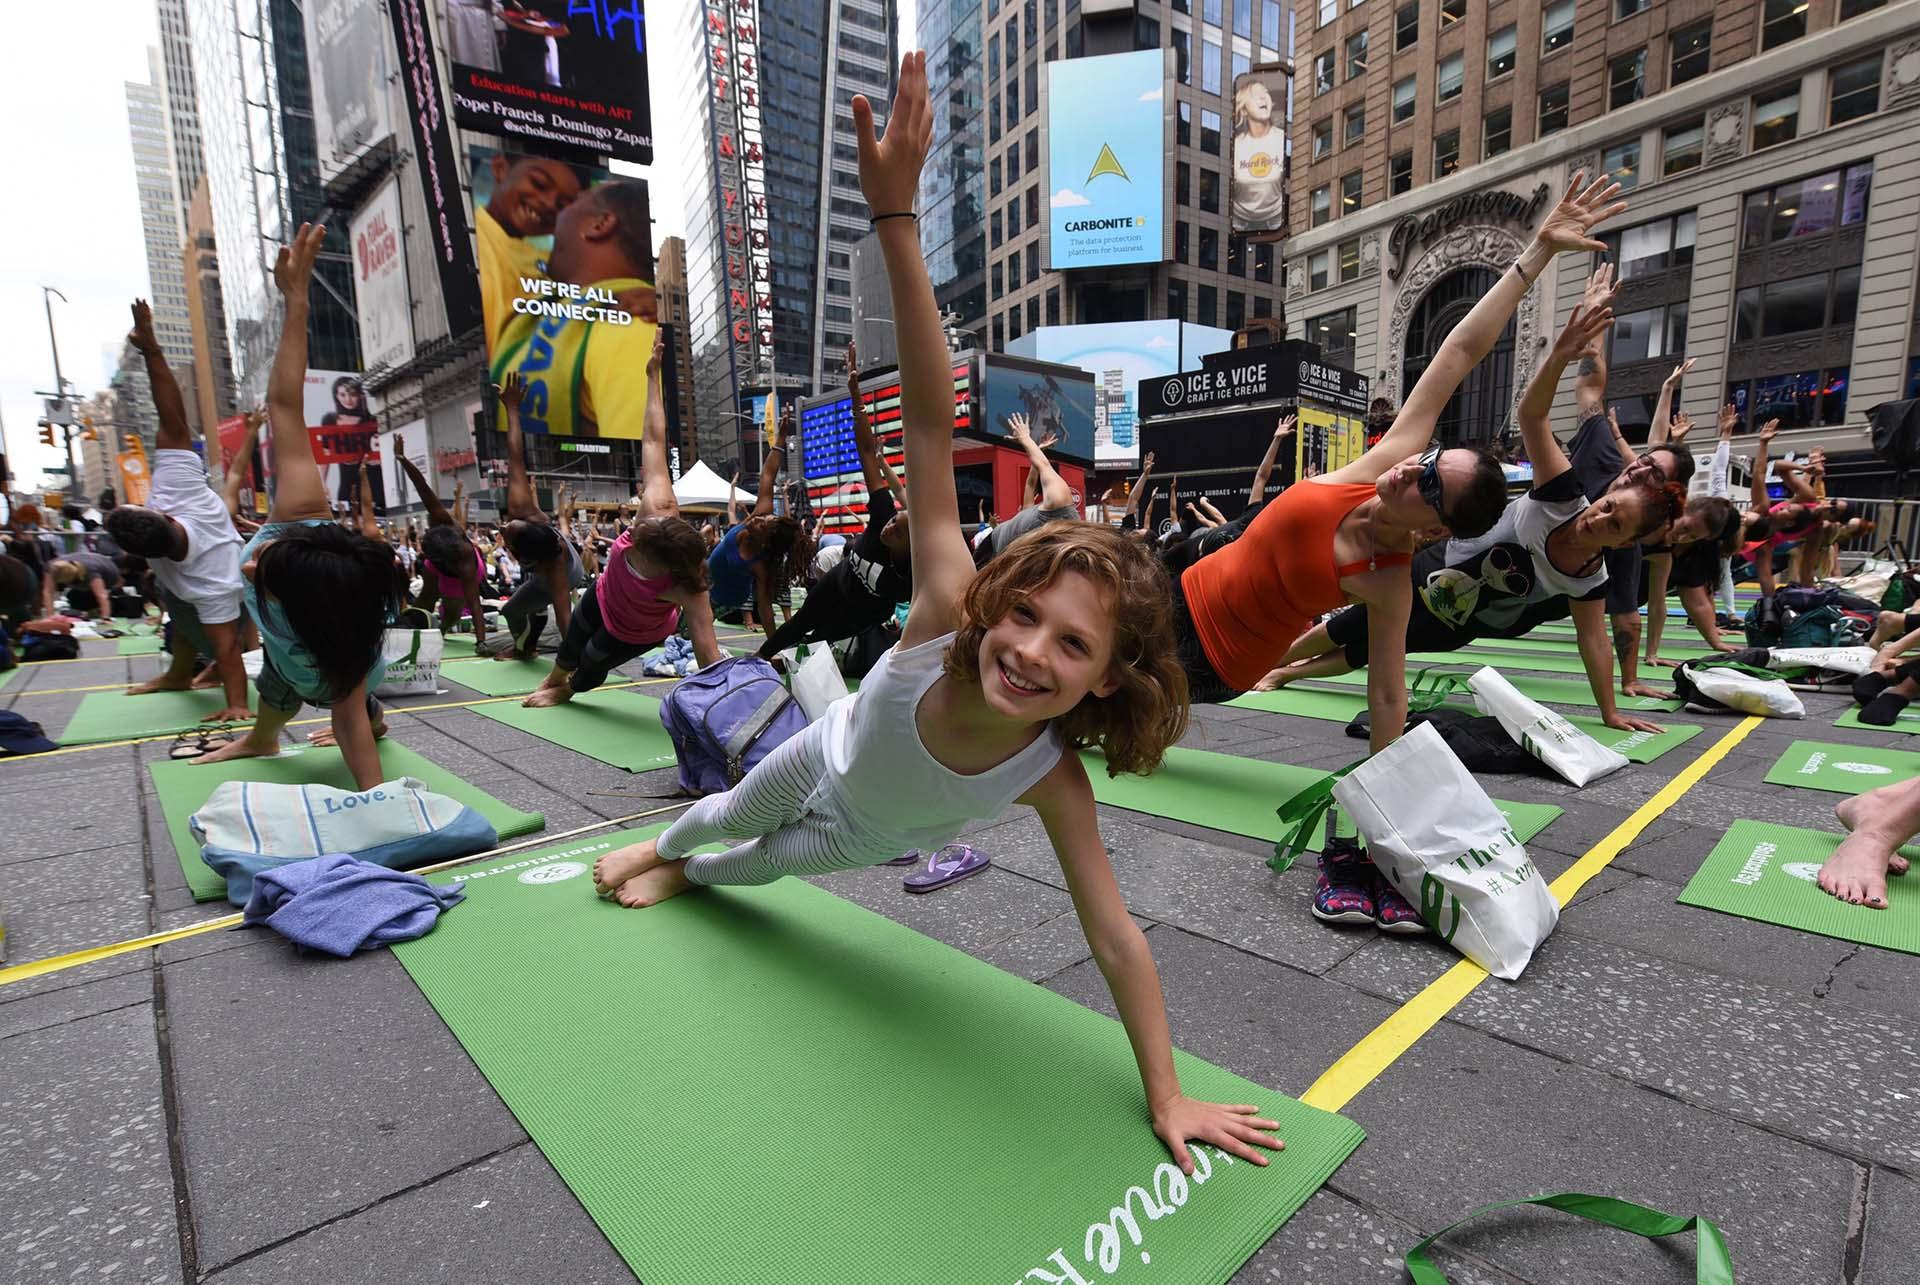 Kate Steinberg, de 9 años y oriunda de Montreal, junto a miles de personas celebrando el Día Mundial del Yoga (AFP PHOTO / TIMOTHY A. CLARY)